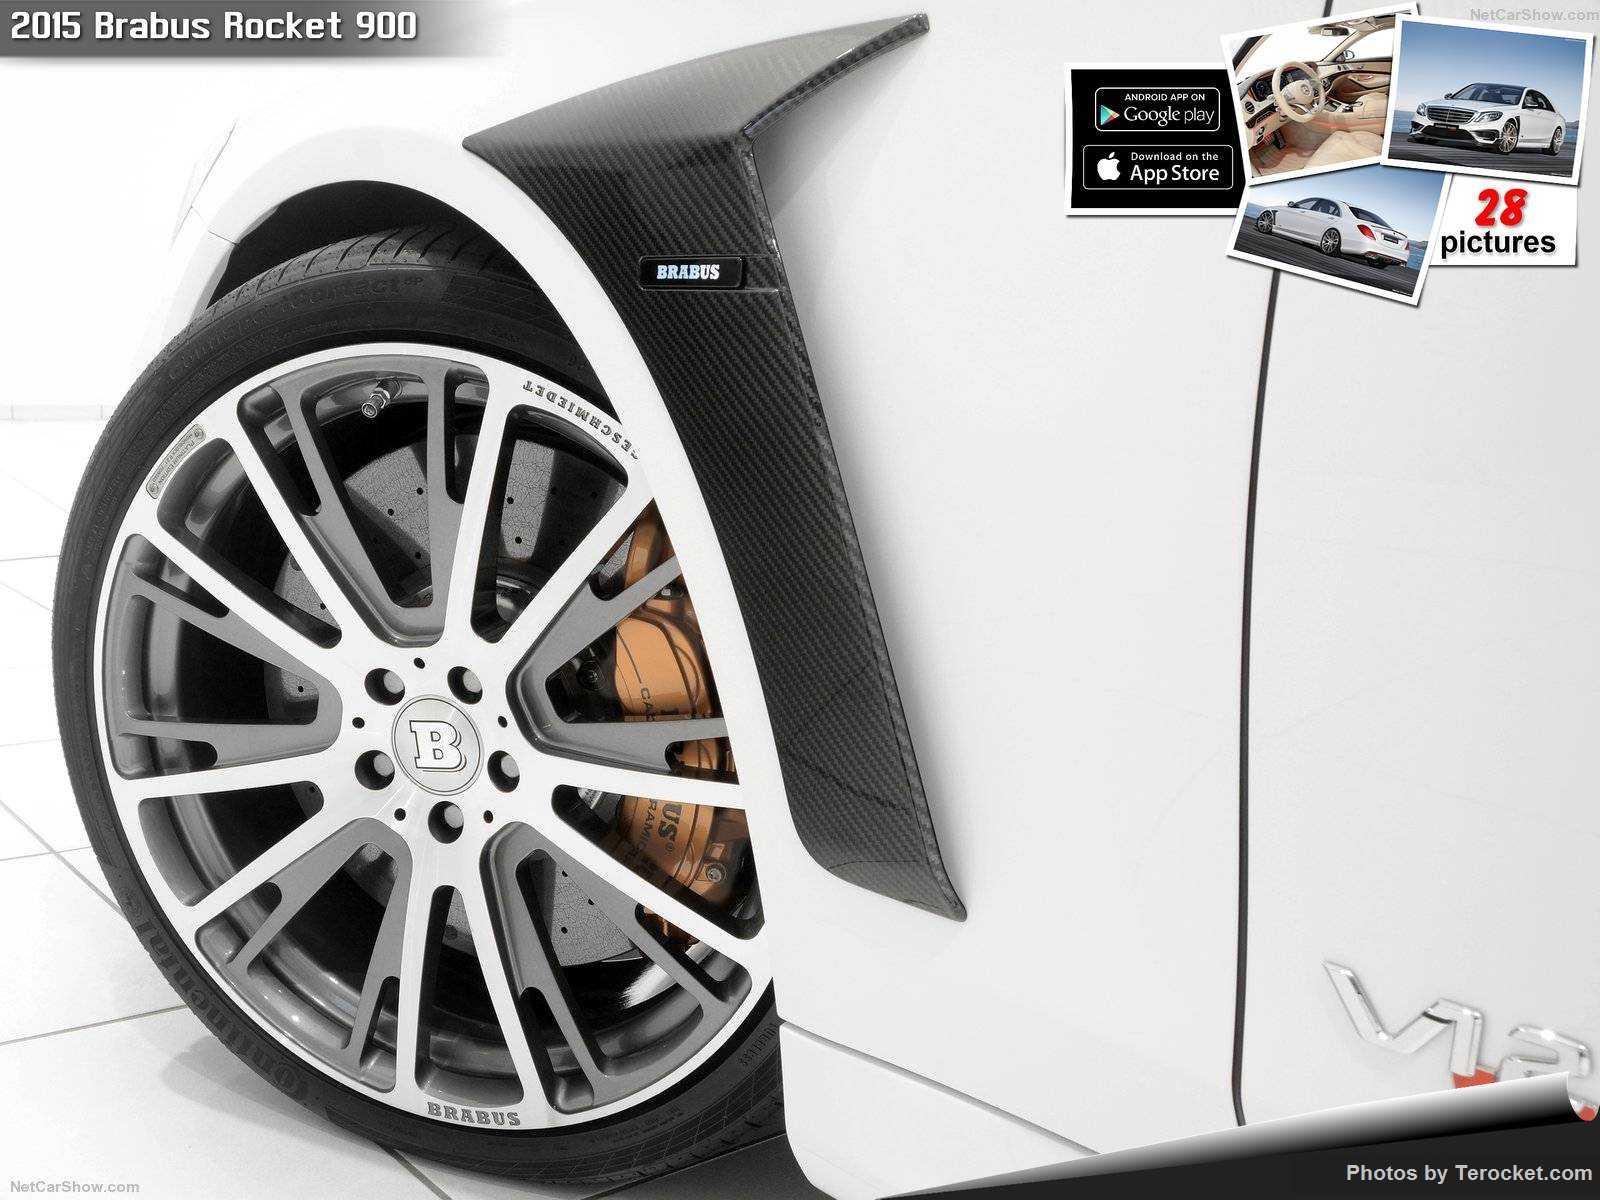 Hình ảnh xe ô tô Brabus Rocket 900 2015 & nội ngoại thất